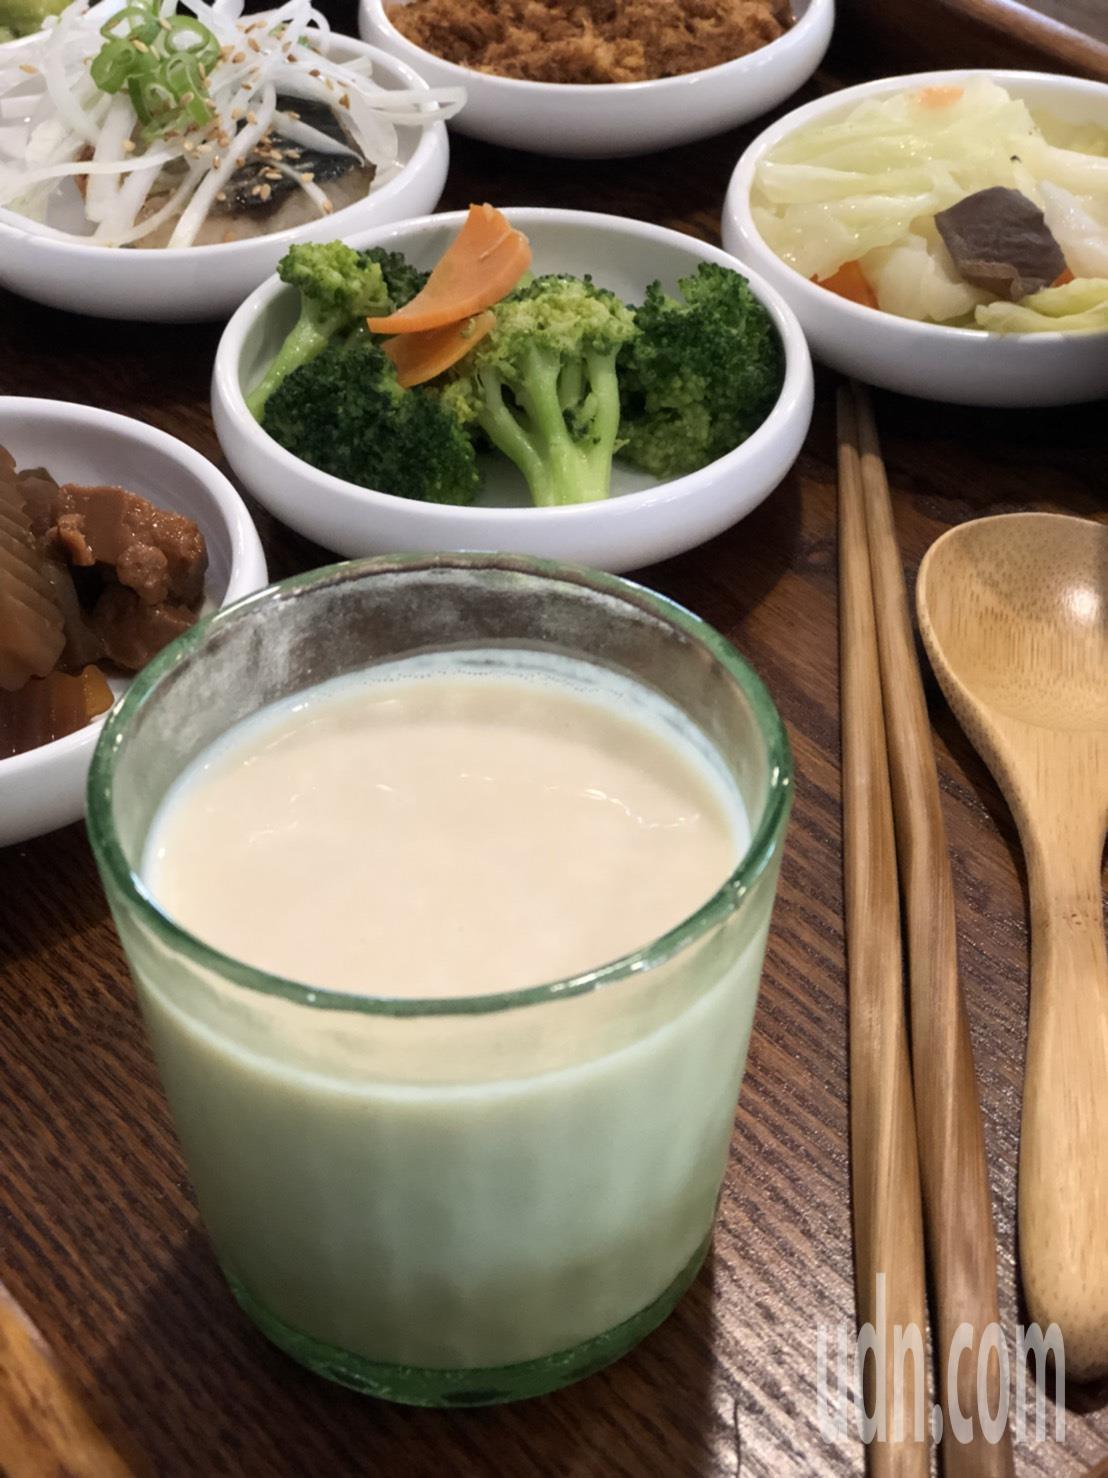 嘉義市榮町市場「春泱‧粗食宴」推出九宮格中式早餐,能喝到滋味濃郁的無濾渣低糖豆漿...